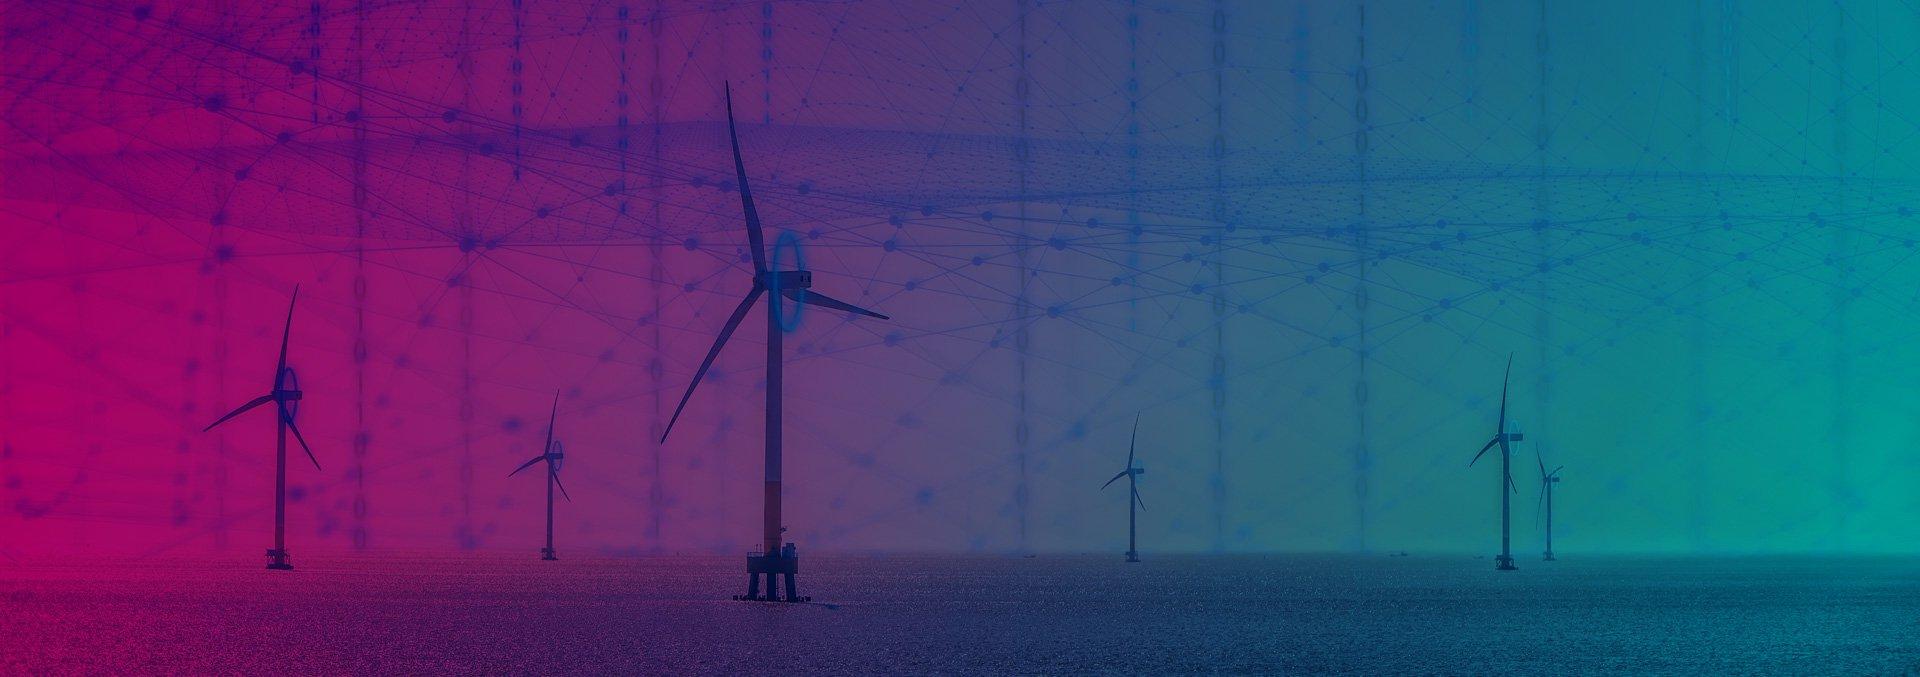 Wind-Energy-Data-Image